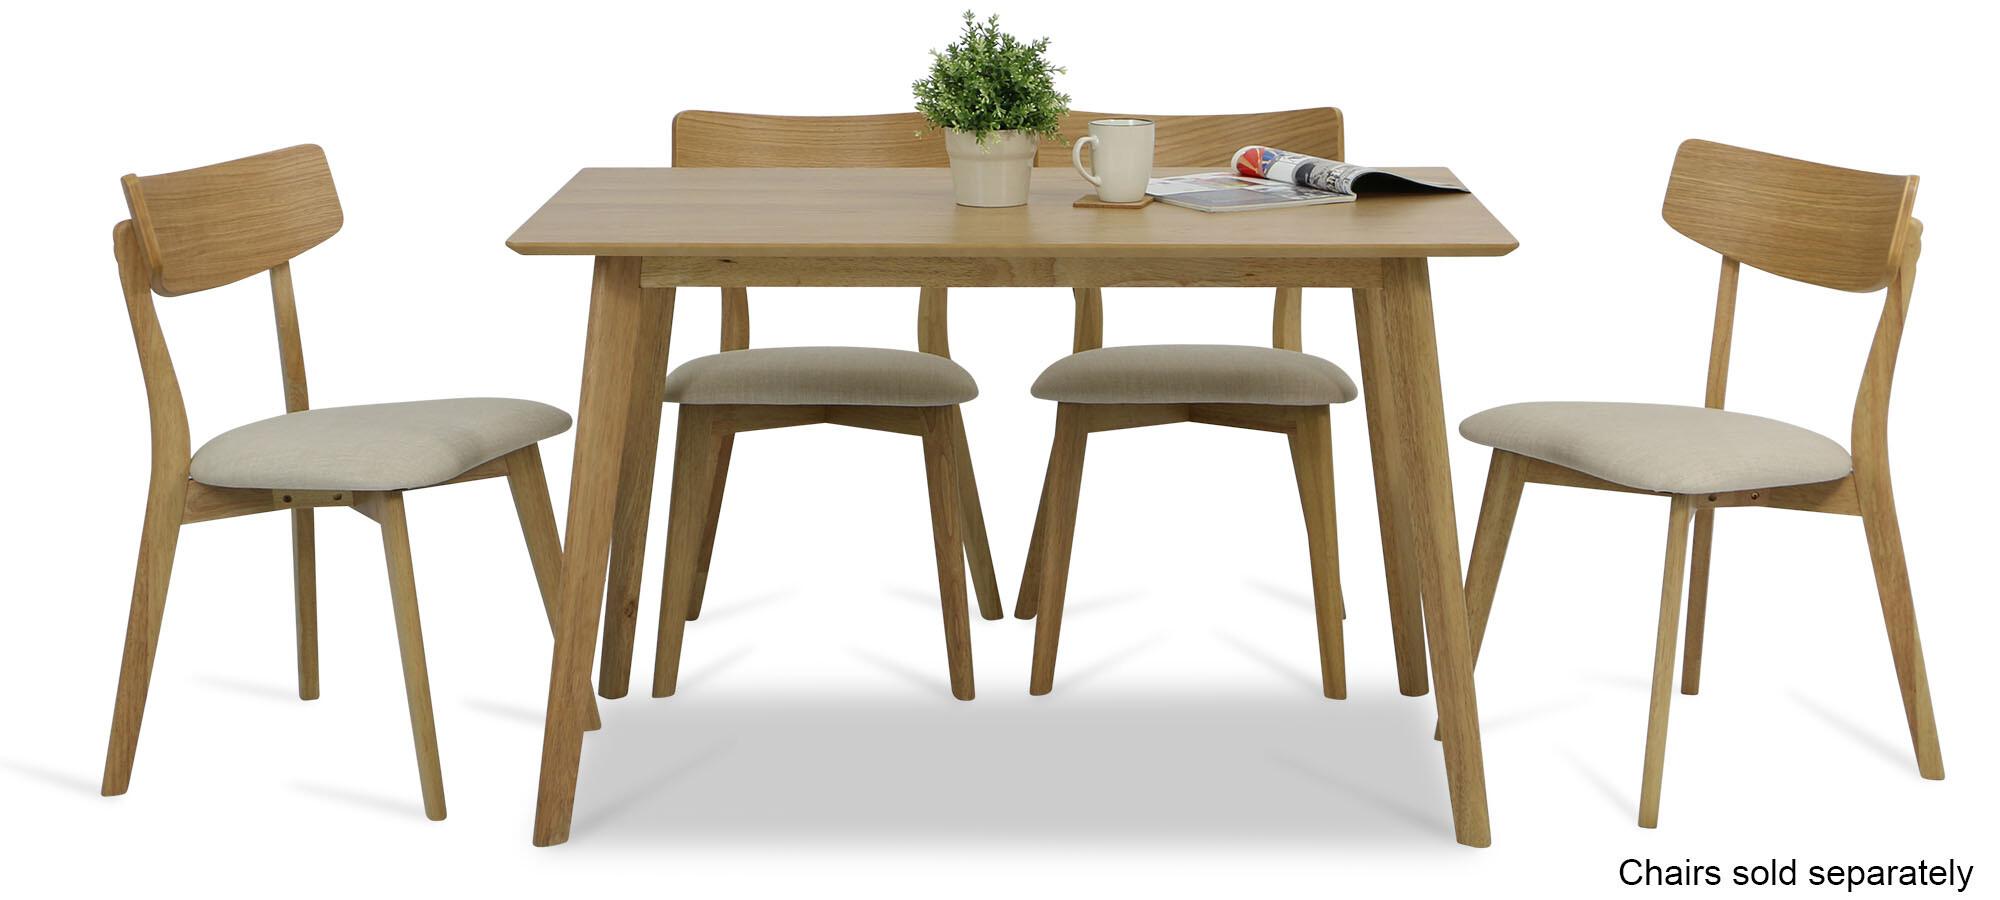 Groovy Ross Dining Table Oak Creativecarmelina Interior Chair Design Creativecarmelinacom